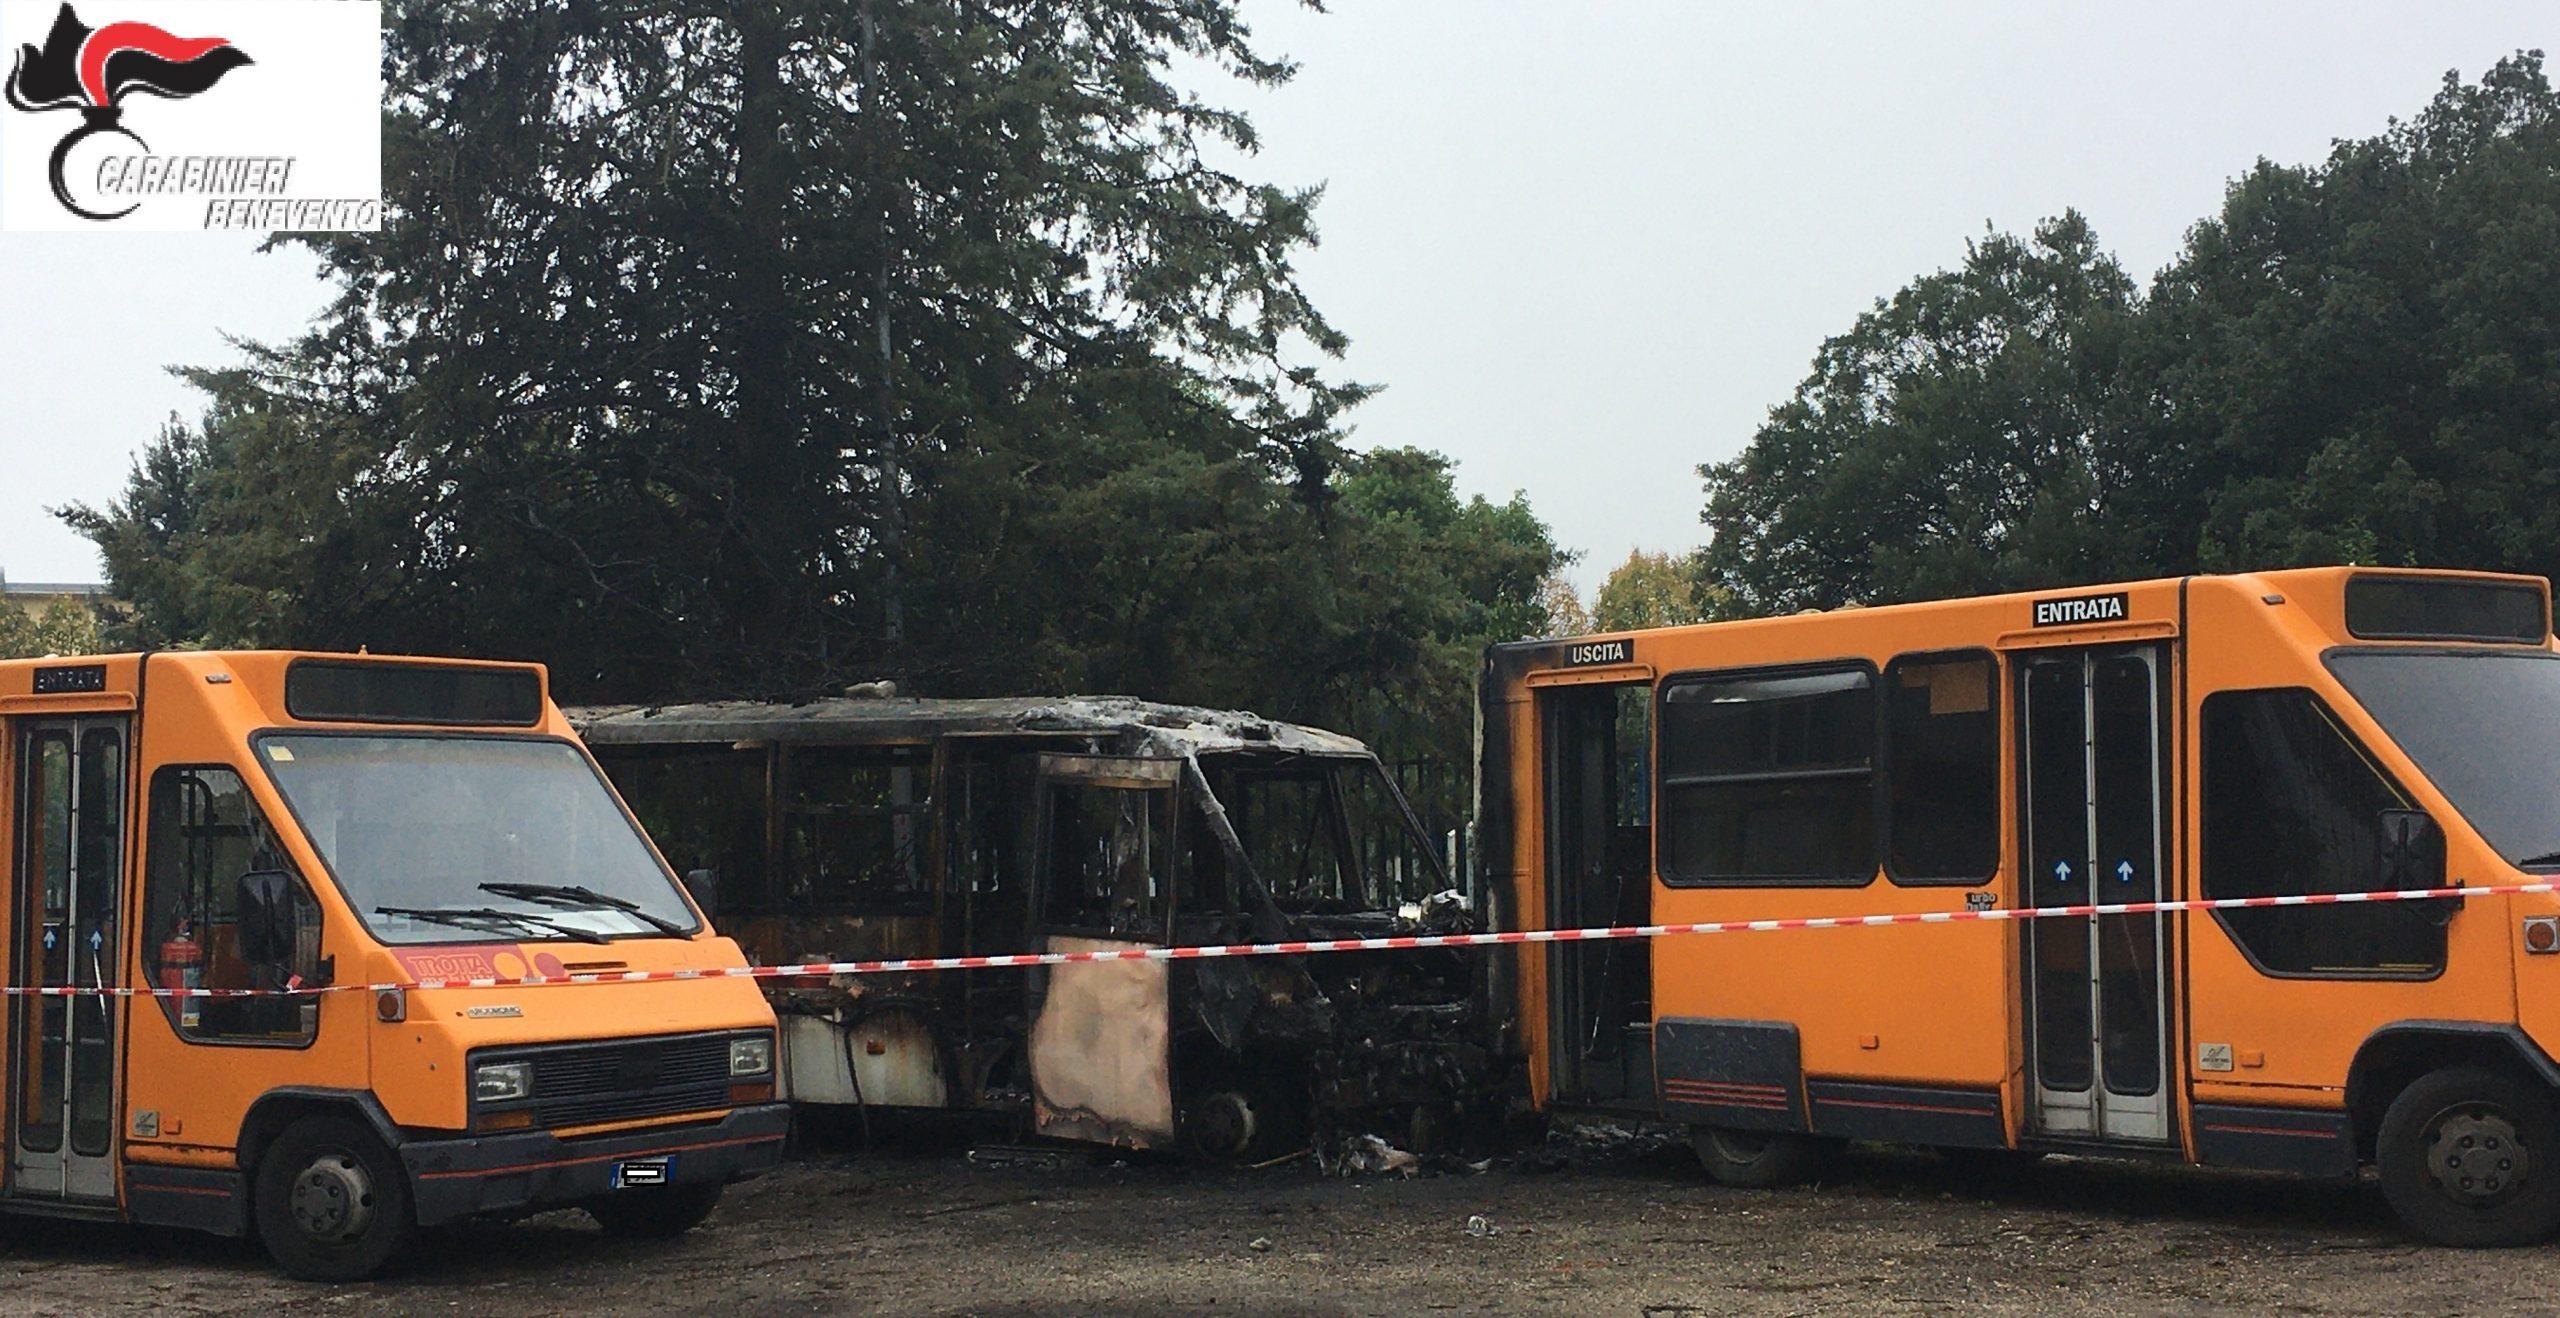 Estorsione ai danni della Trotta Bus, il plauso di Noi Campani: possiamo sconfiggere il malaffare dilagante